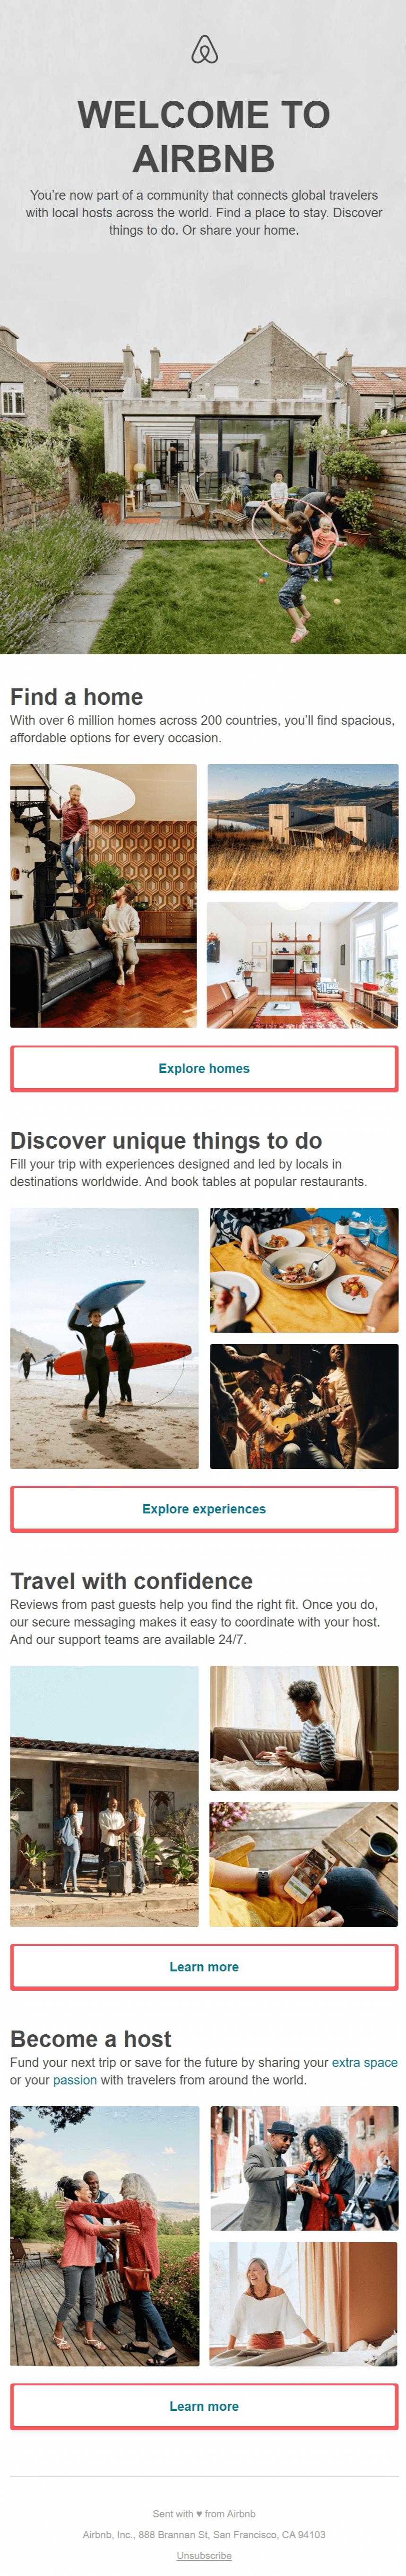 Приветственное письмо сервиса Airbnb